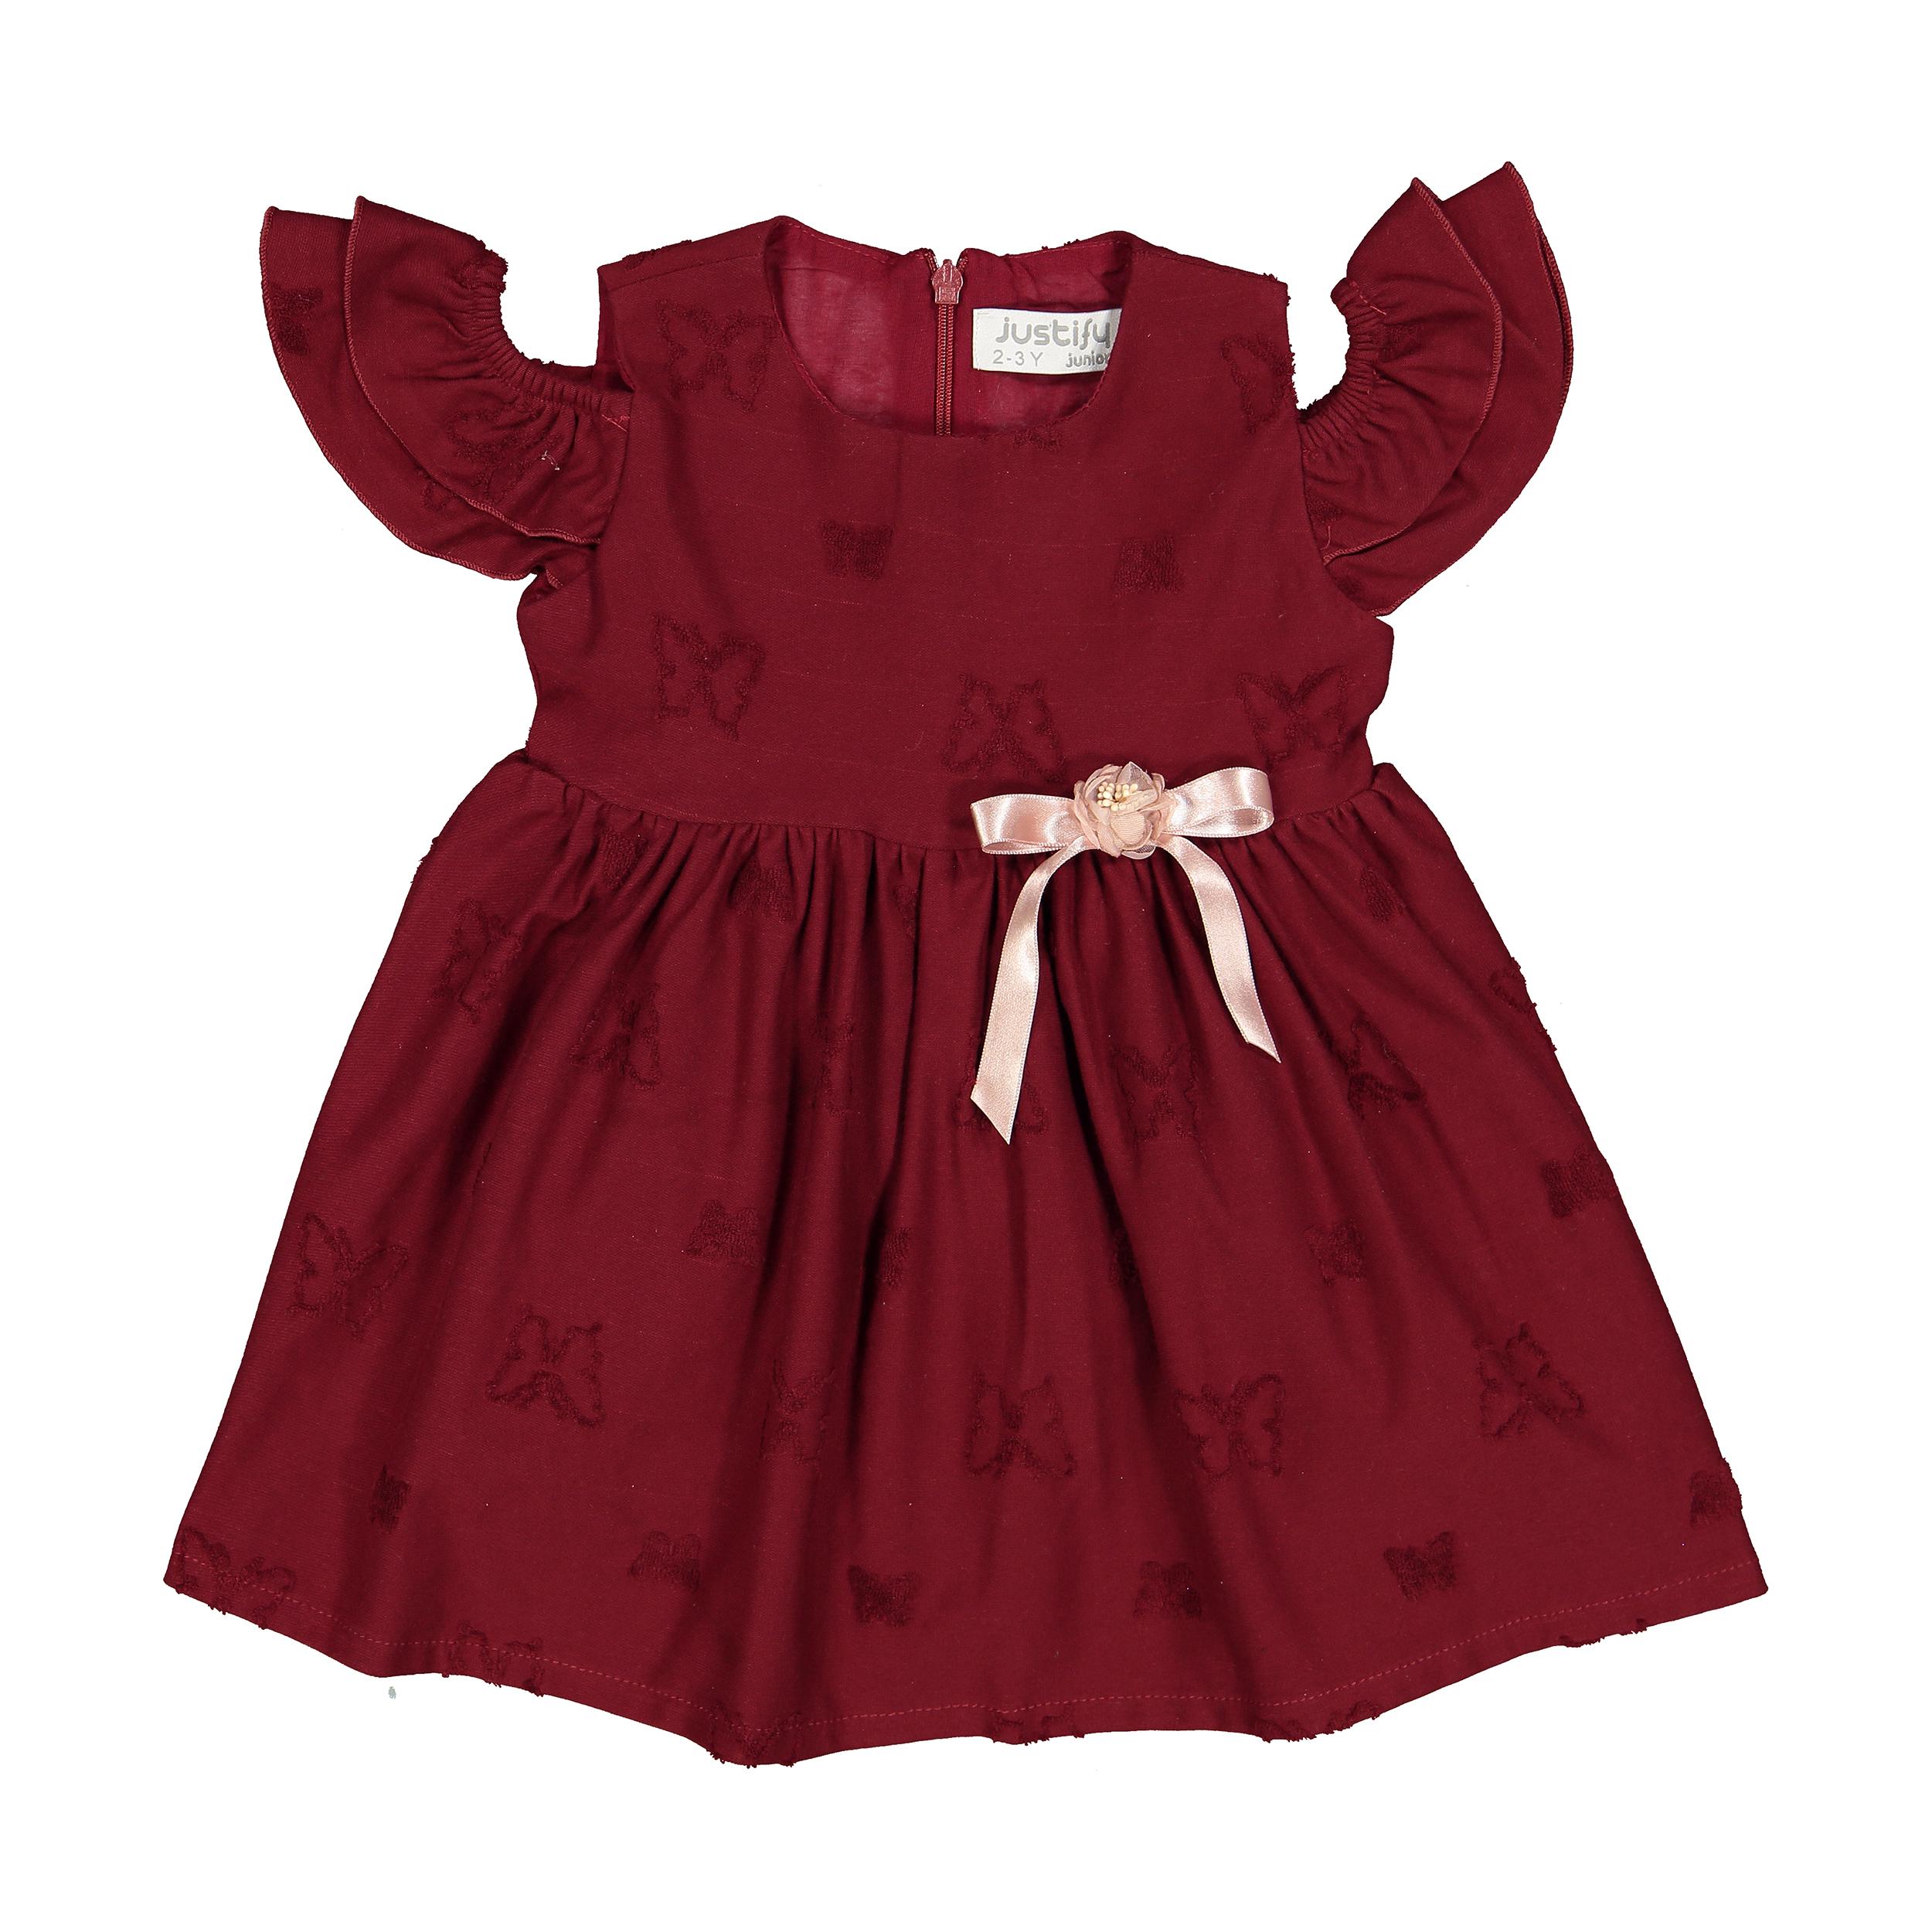 پیراهن دخترانه جاستیفای جونیور مدل K0442055DO-MAROON